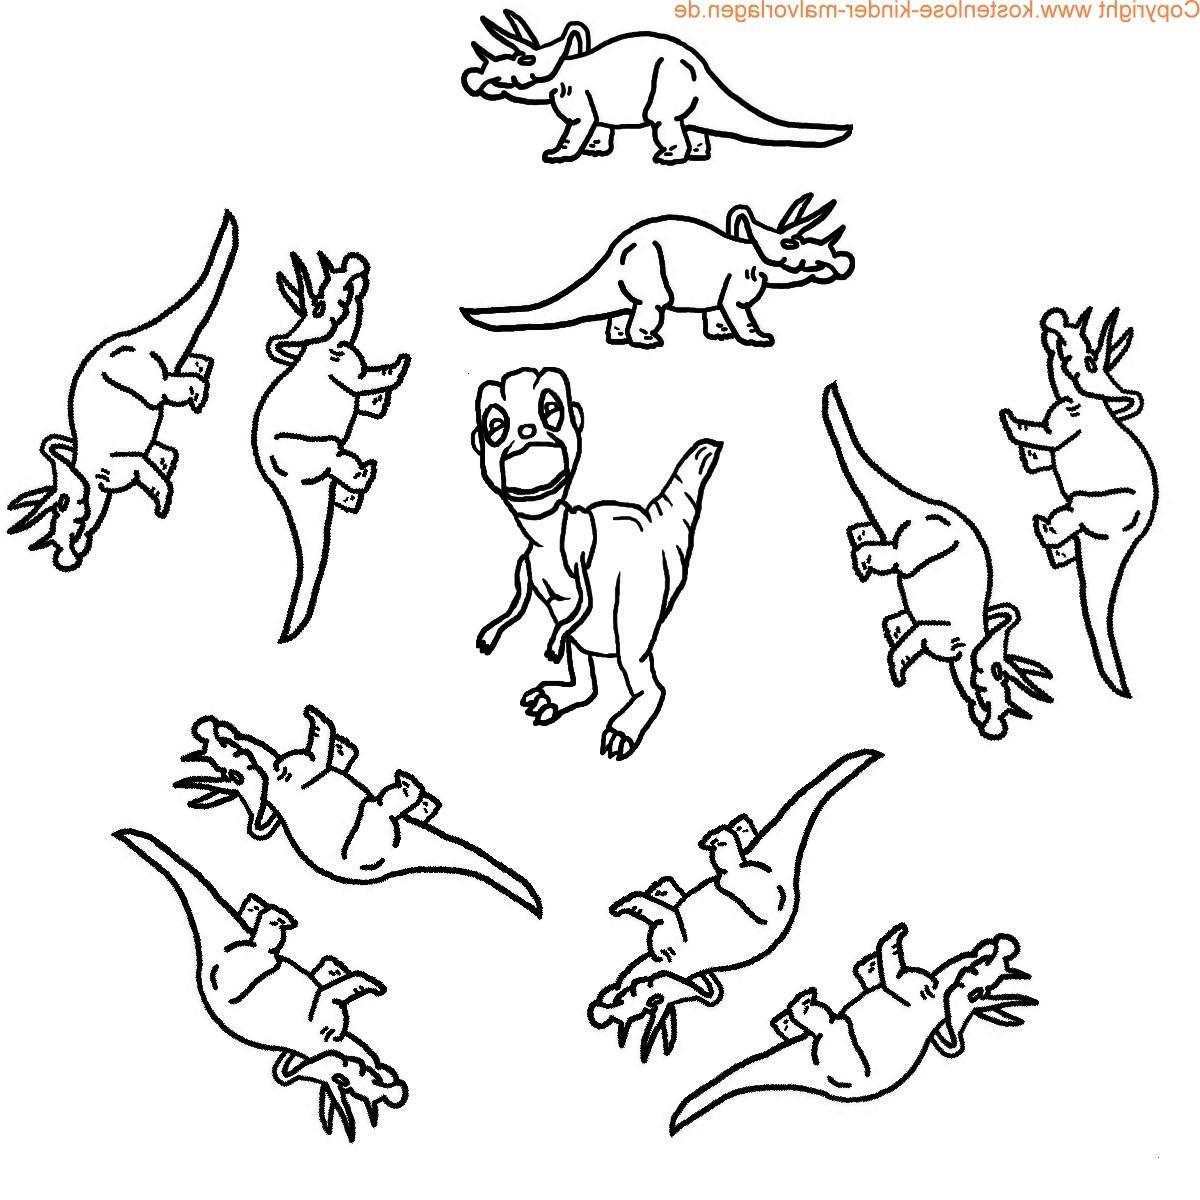 Ausmalbilder Dinosaurier In Einem Land Vor Unserer Zeit Genial 27 Luxus Dinosaurier Ausmalbilder – Malvorlagen Ideen Das Bild